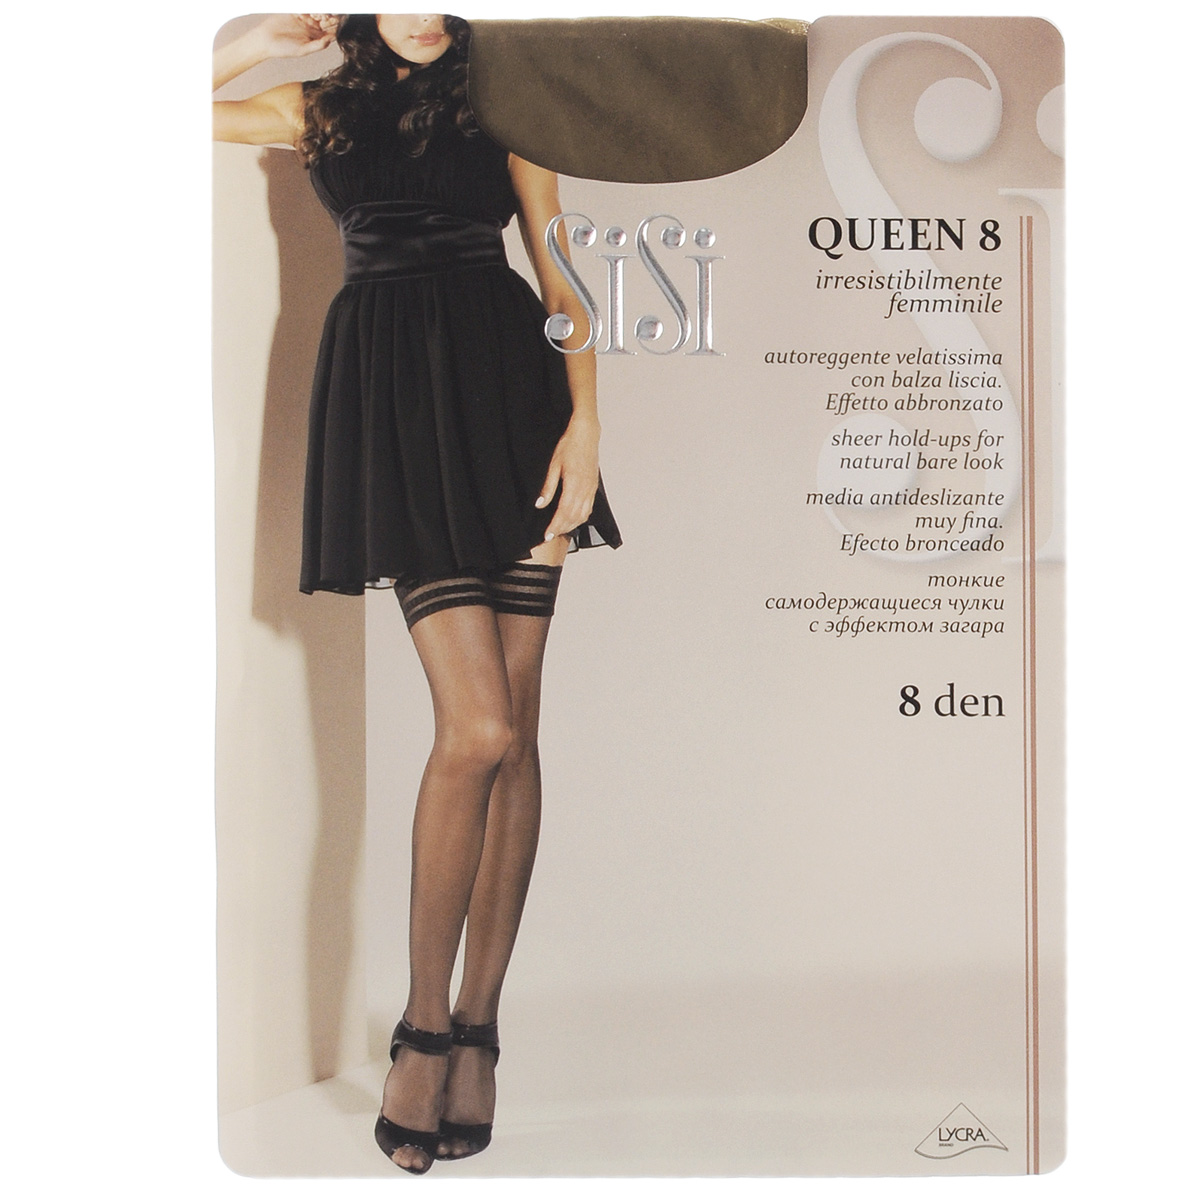 Чулки Sisi Queen 8, цвет: Ambra (бледно-коричневый). 99. Размер 2 (S) gehwol гель кольцо защитное с уплотнением маленькое 3 шт